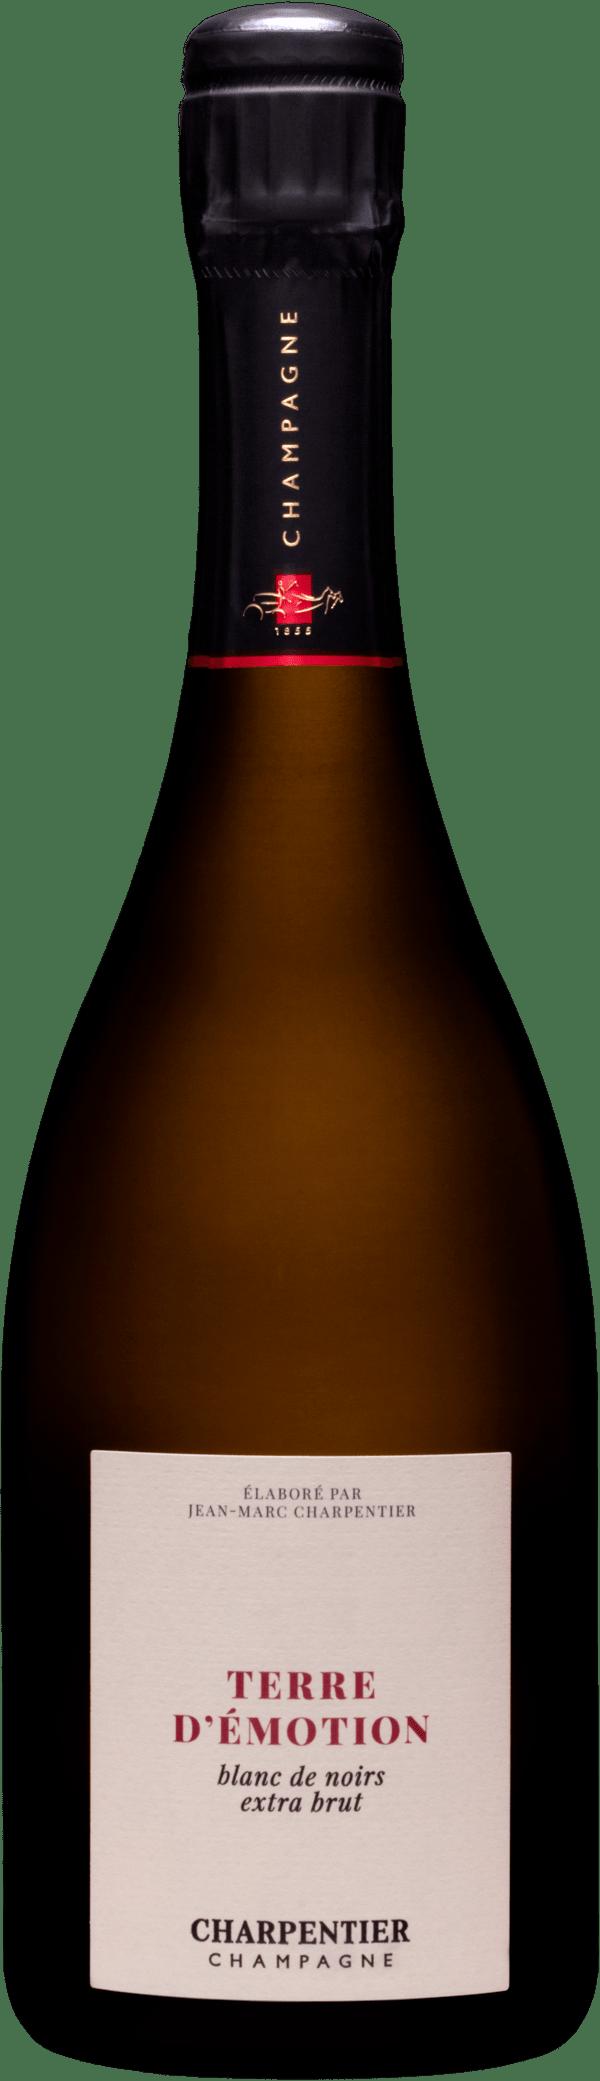 Champagne Charpentier Terre d'Émotion Blanc de Noirs